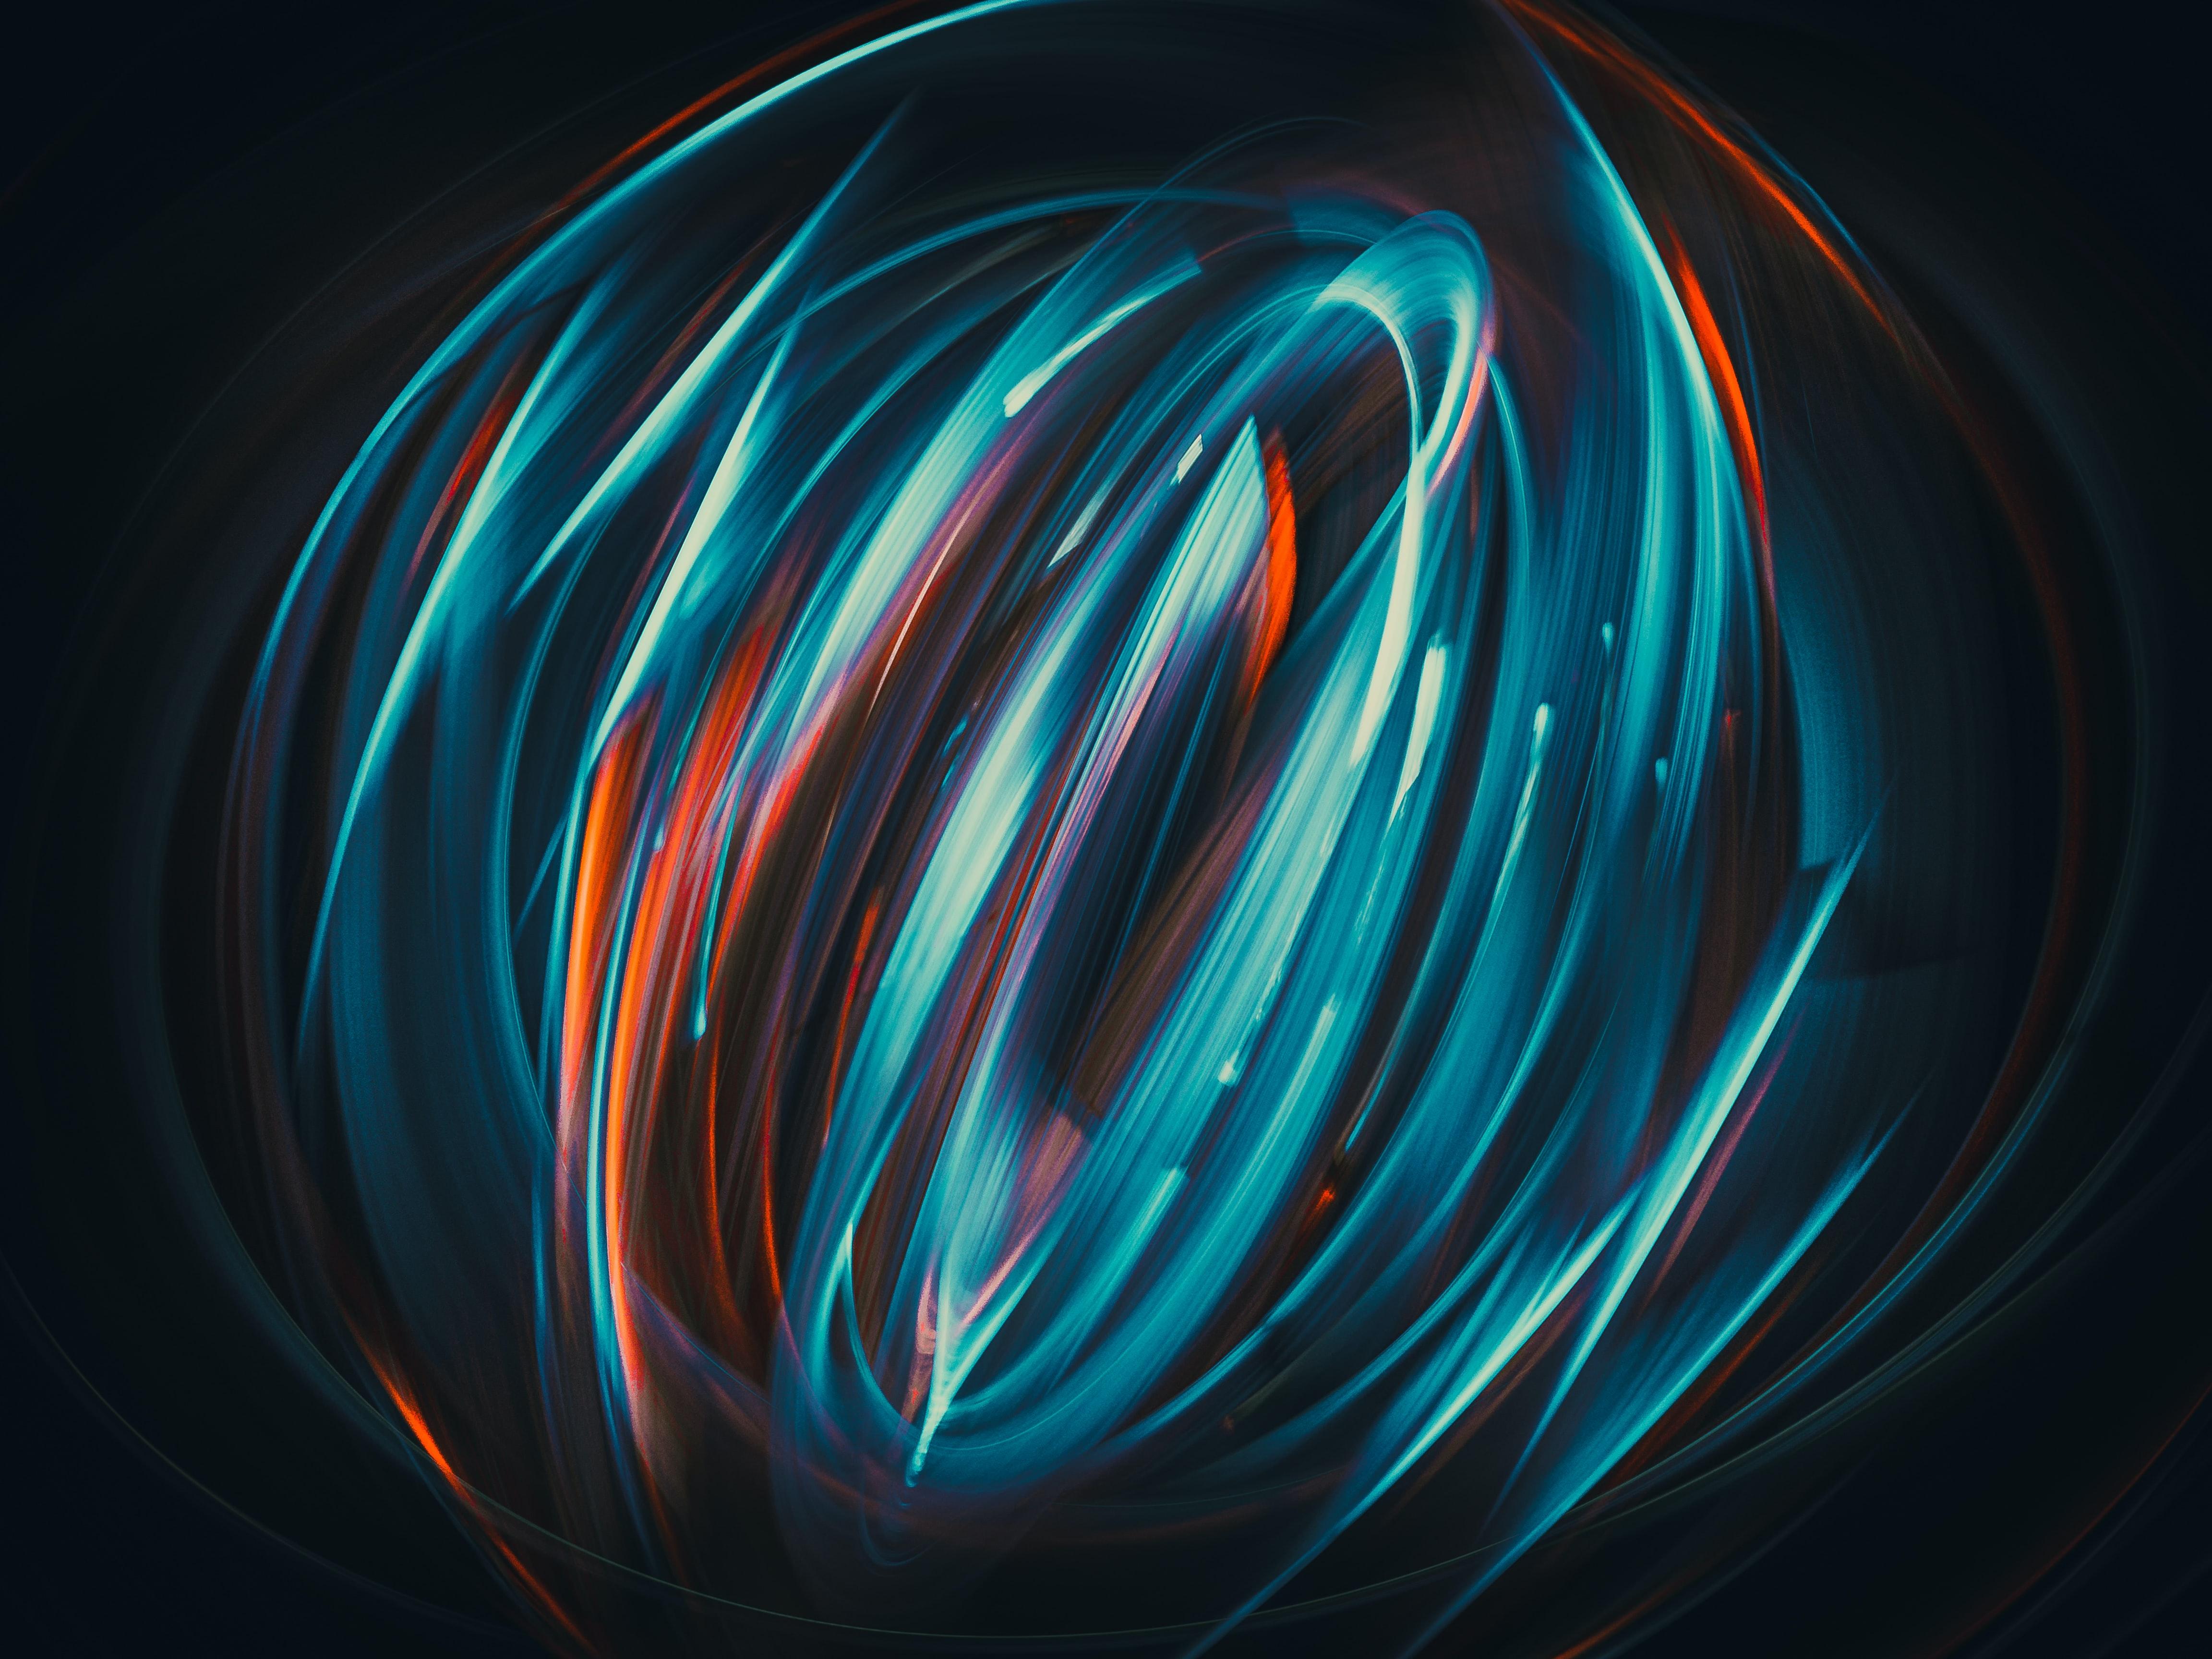 免費壁紙123694:抽象, 螺旋仪, 长期接触, 长曝光, 辉光, 发光 下載手機圖片